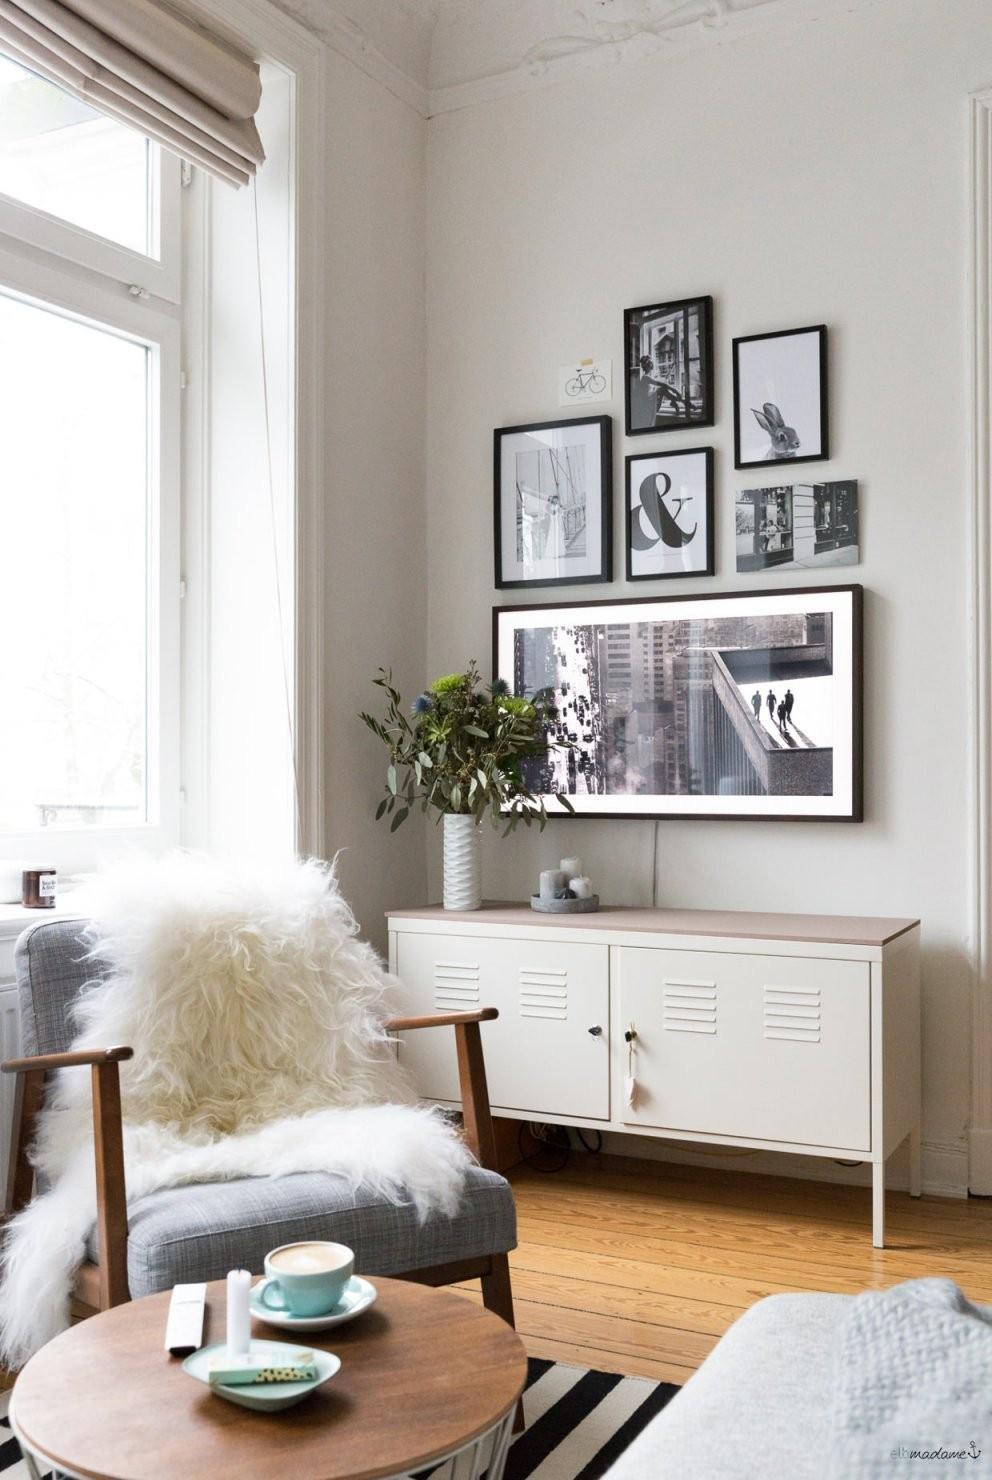 So Versteckst Du Deinen Fernseher Im Wohnzimmer – Elbmadame von Fernseher Im Wohnzimmer Verstecken Photo